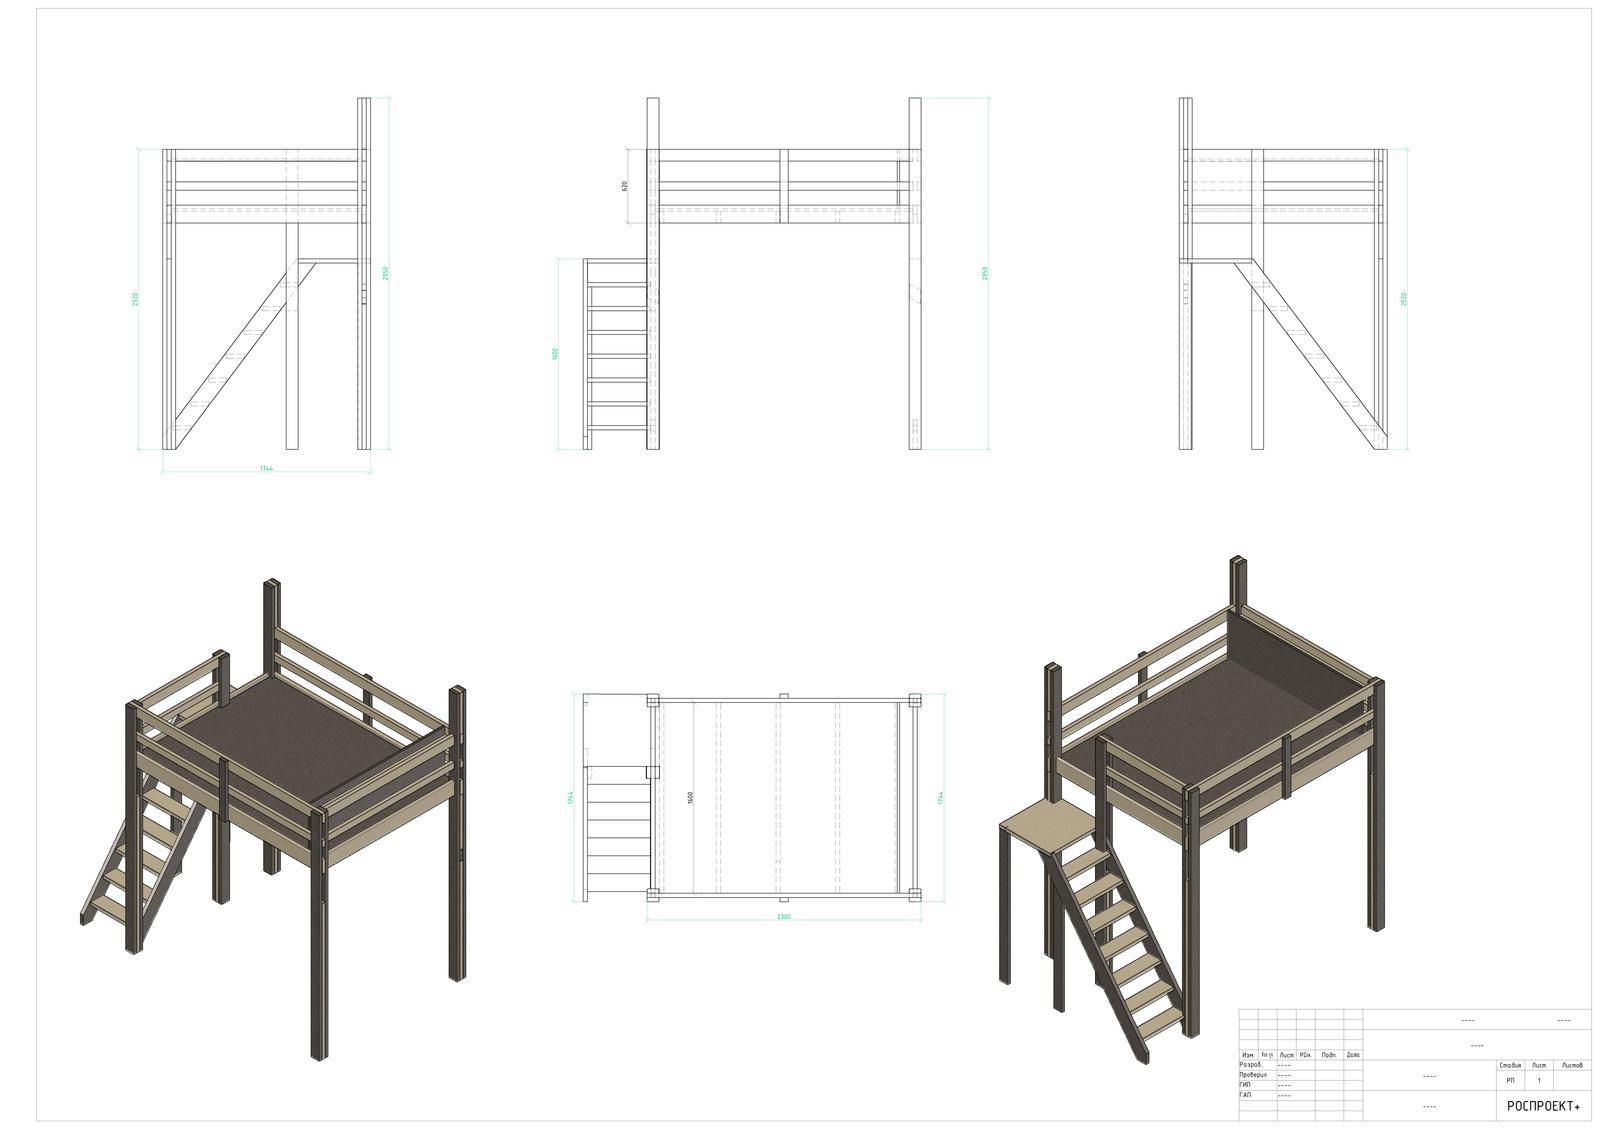 Кровать-чердак своими руками кровати, кровать, очень, досок, фанеры, доски, принципе, детали, которые, будет, конечно, стойки, чтобы, просто, листы, этого, стойка, сразу, крепления, сечением